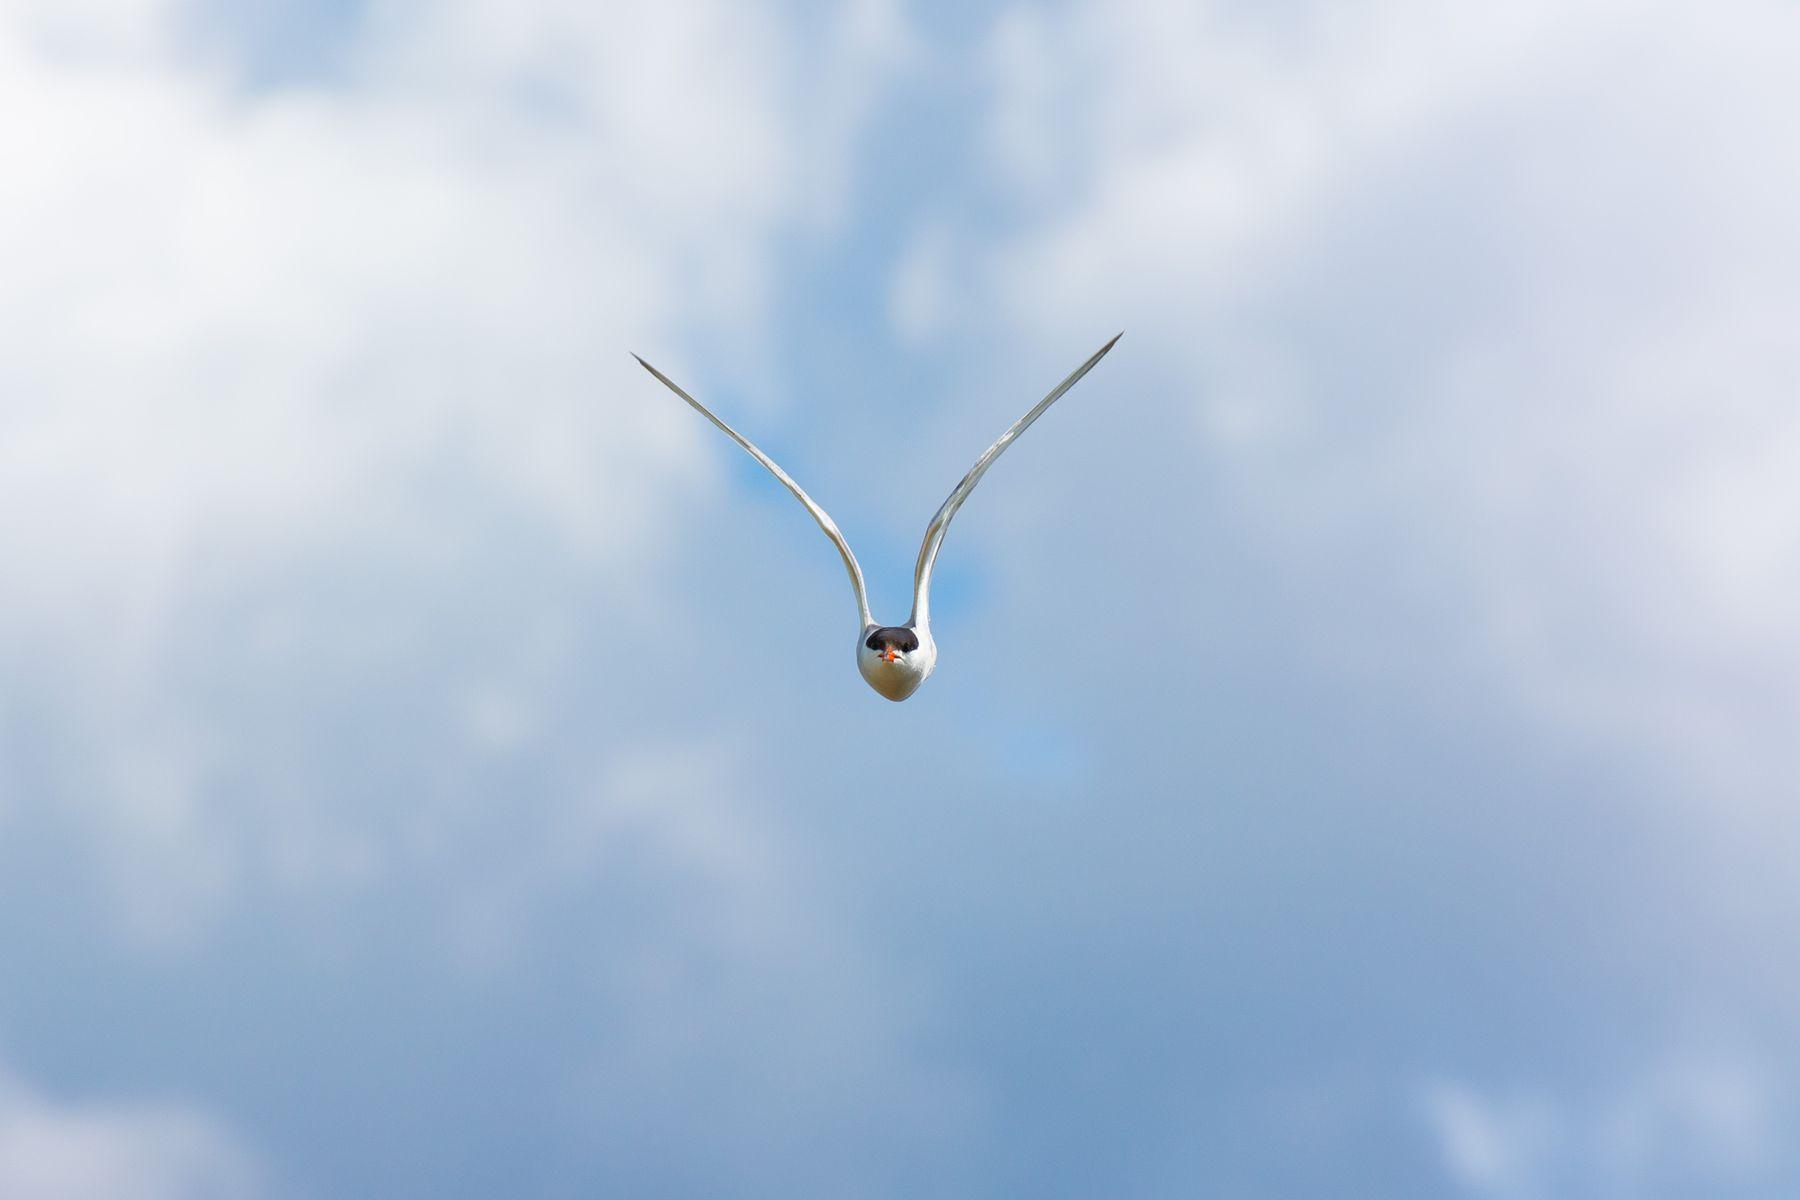 На абордаж! Крачка птицы фотоохота сибирь